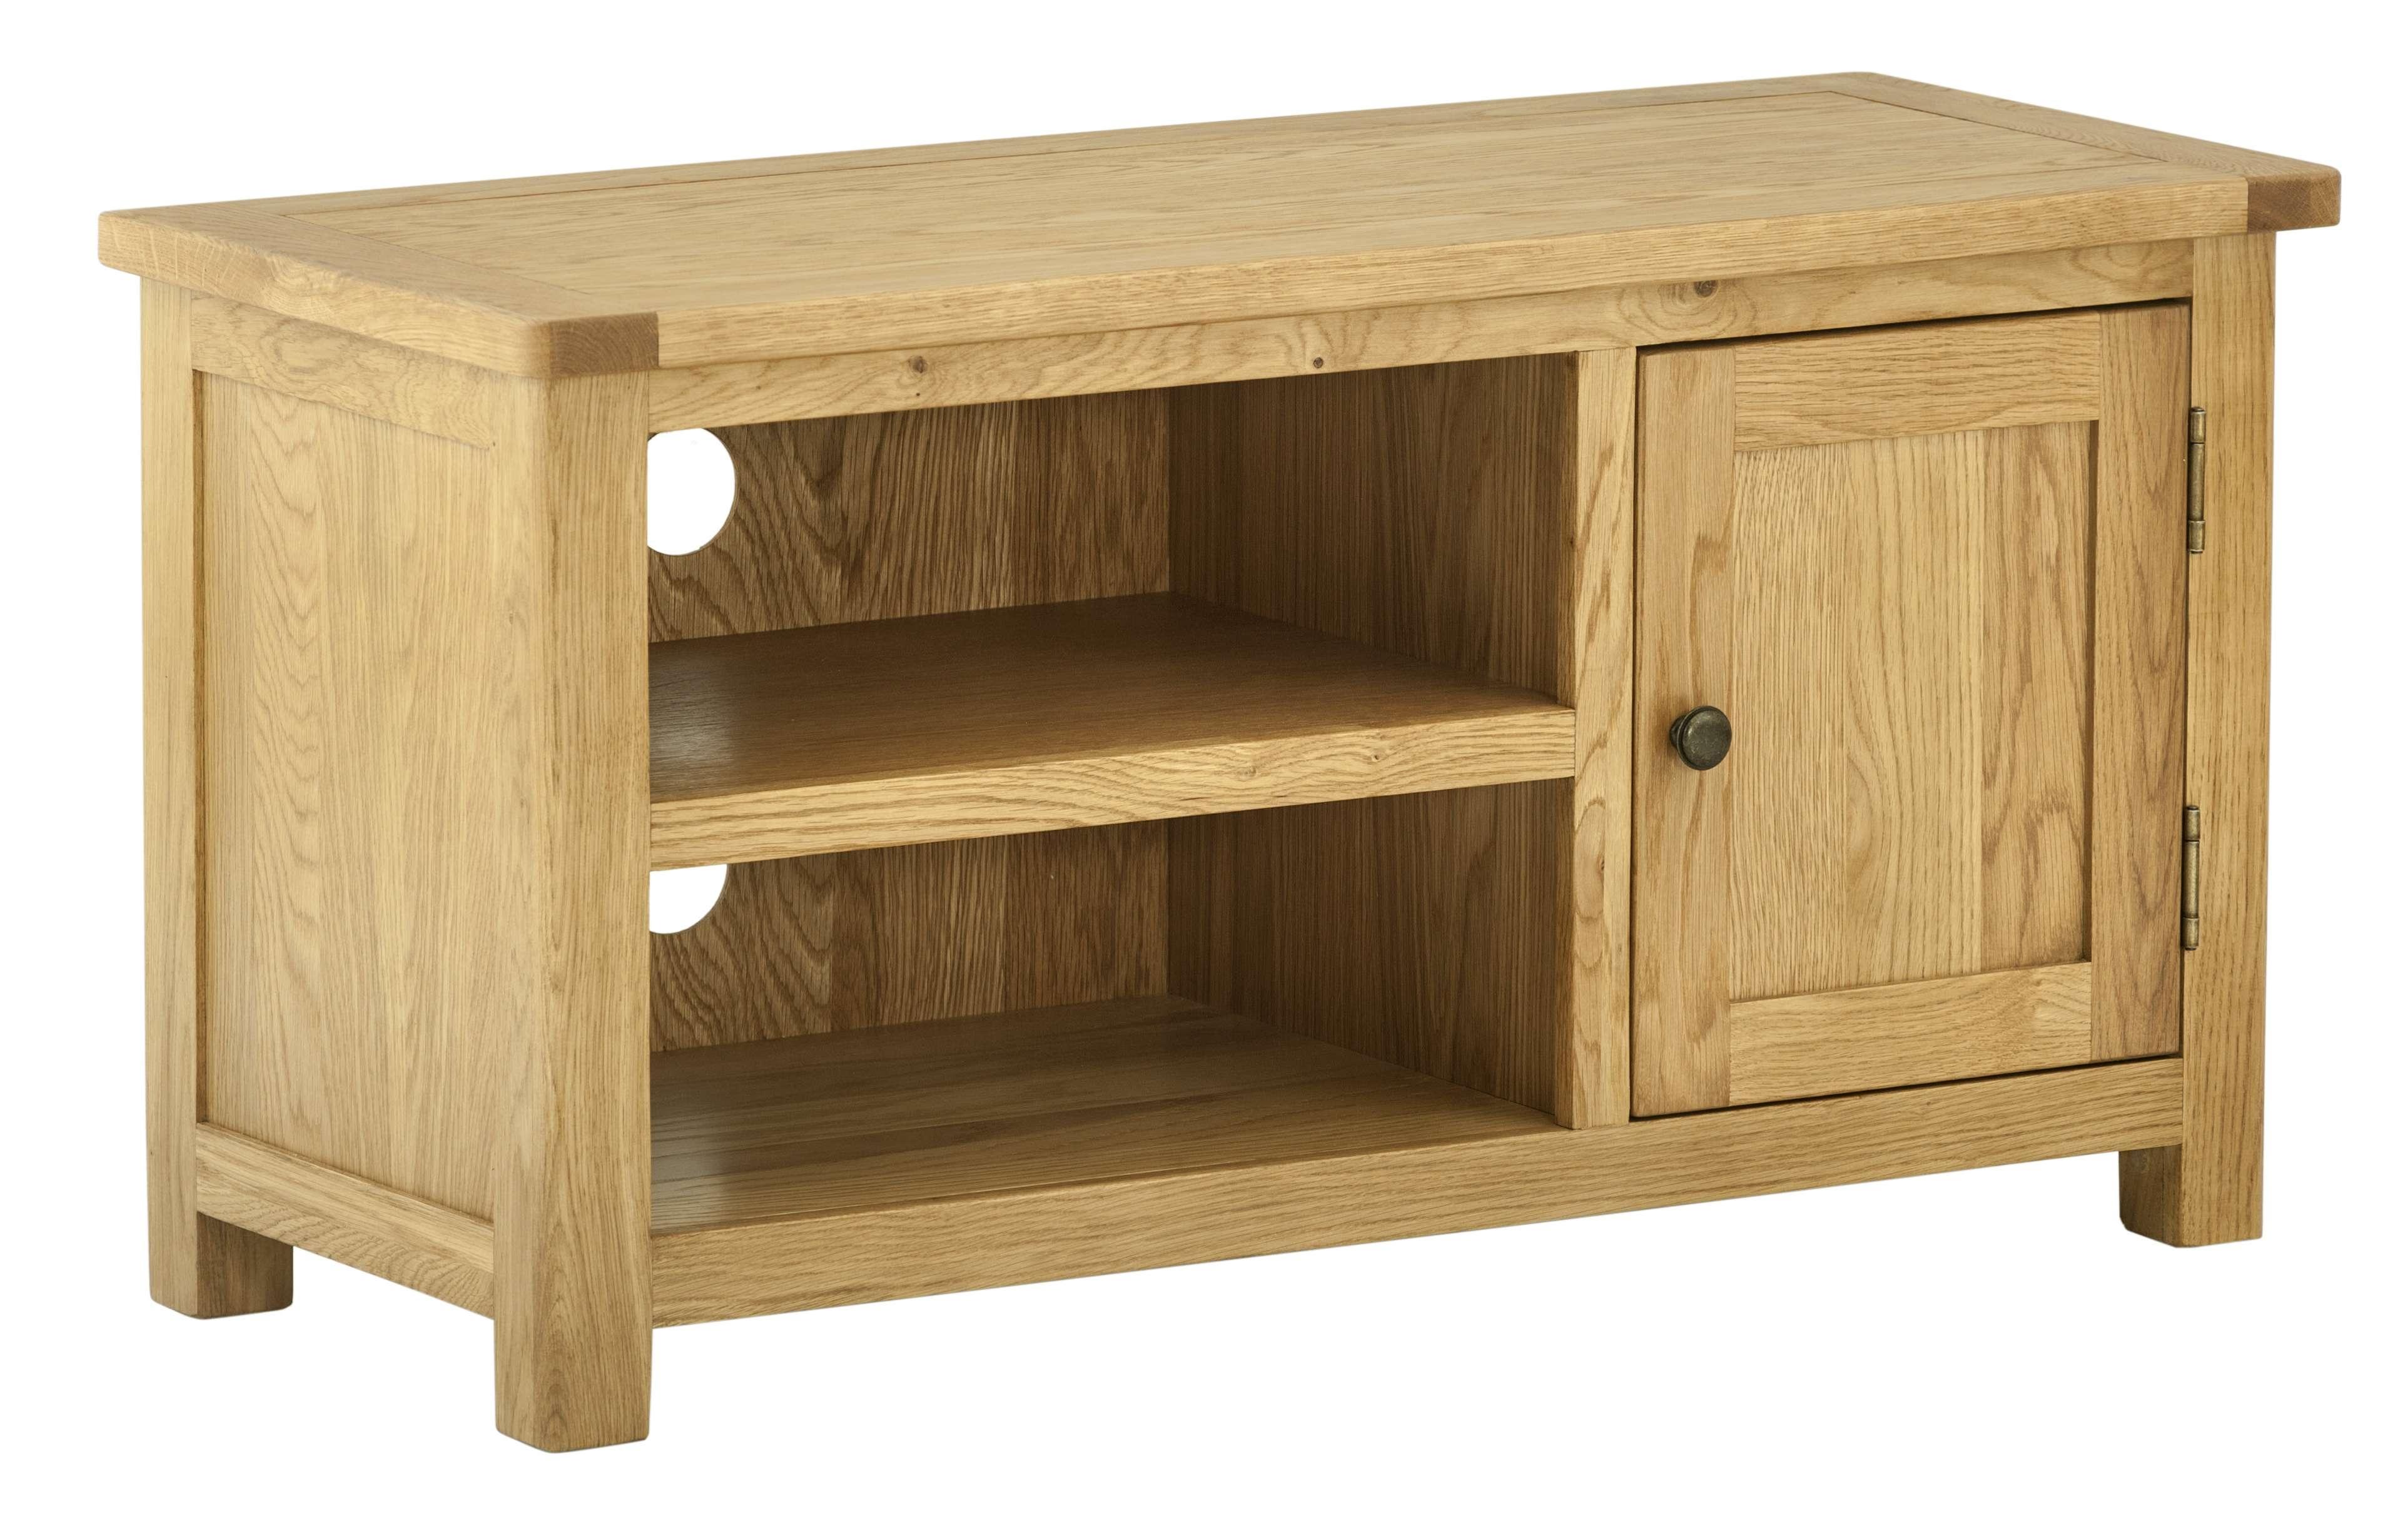 Portman Small Tv Cabinet In Oak – Oak Furniturehouse Of Oak In Small Oak Tv Cabinets (View 13 of 20)